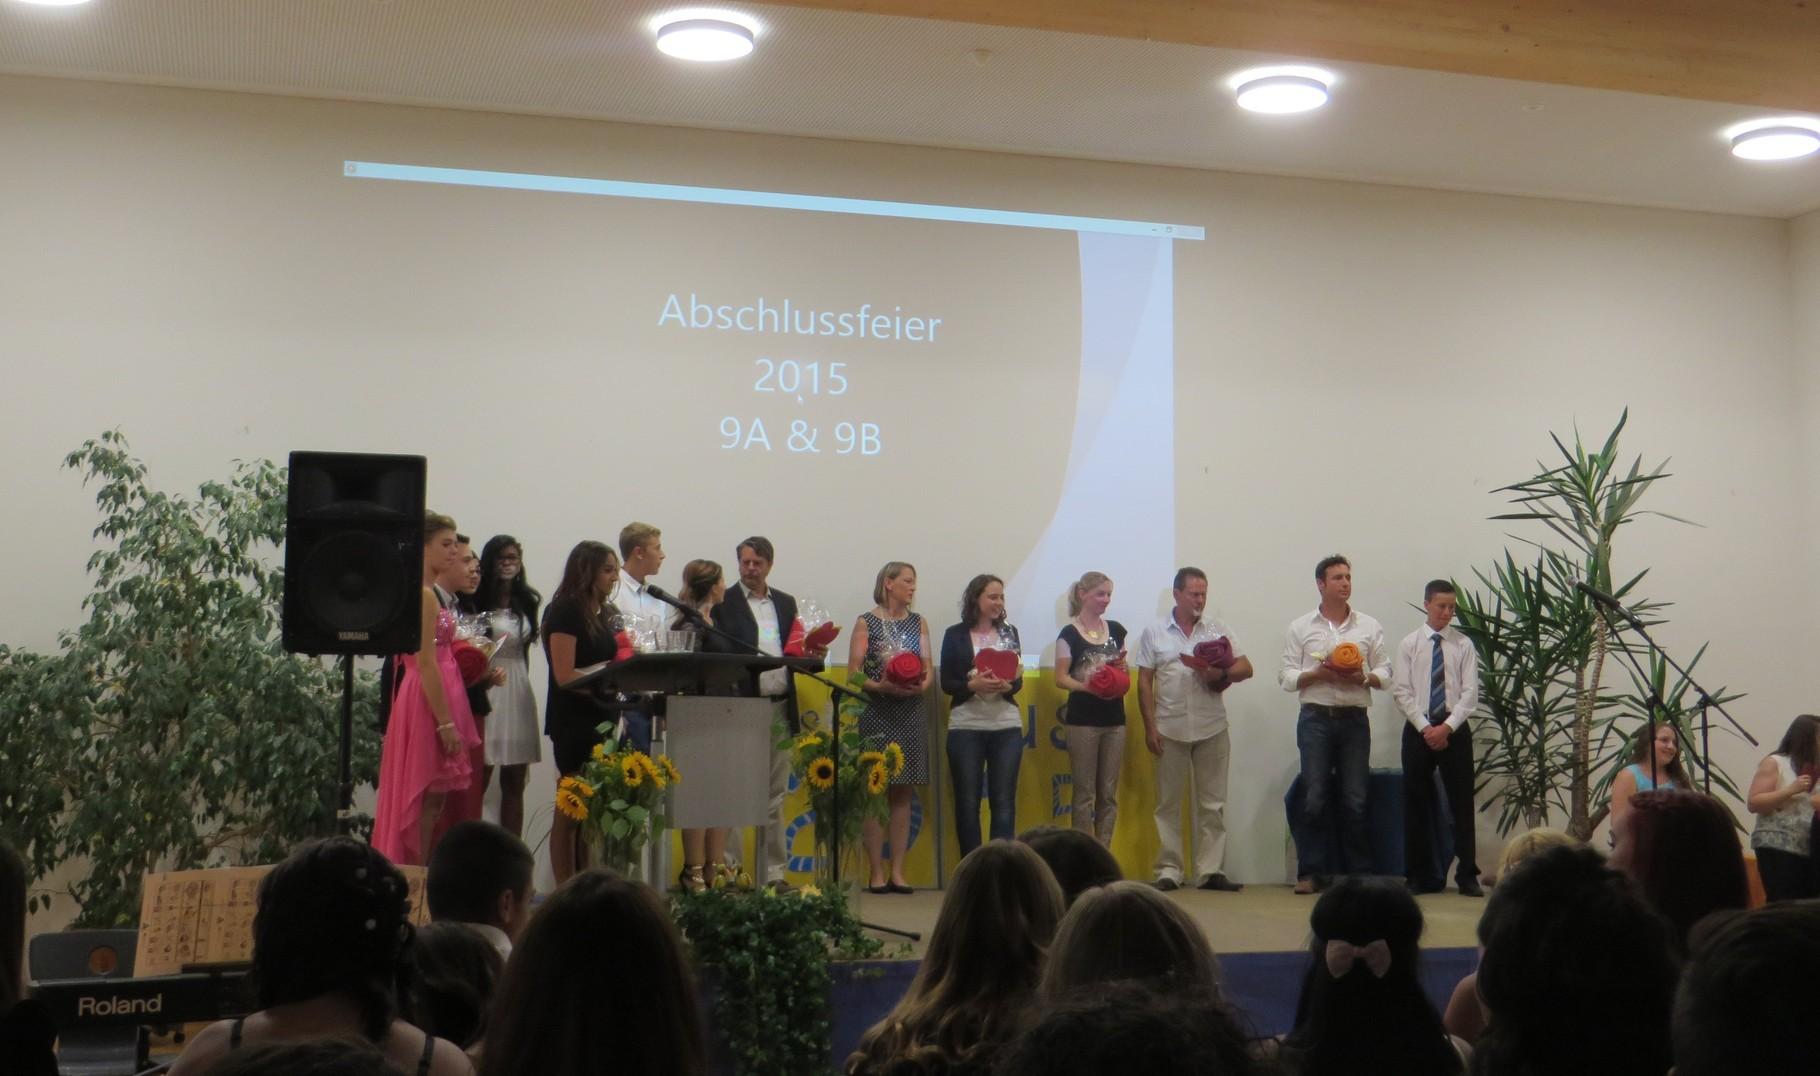 Abschlussfeier 2015